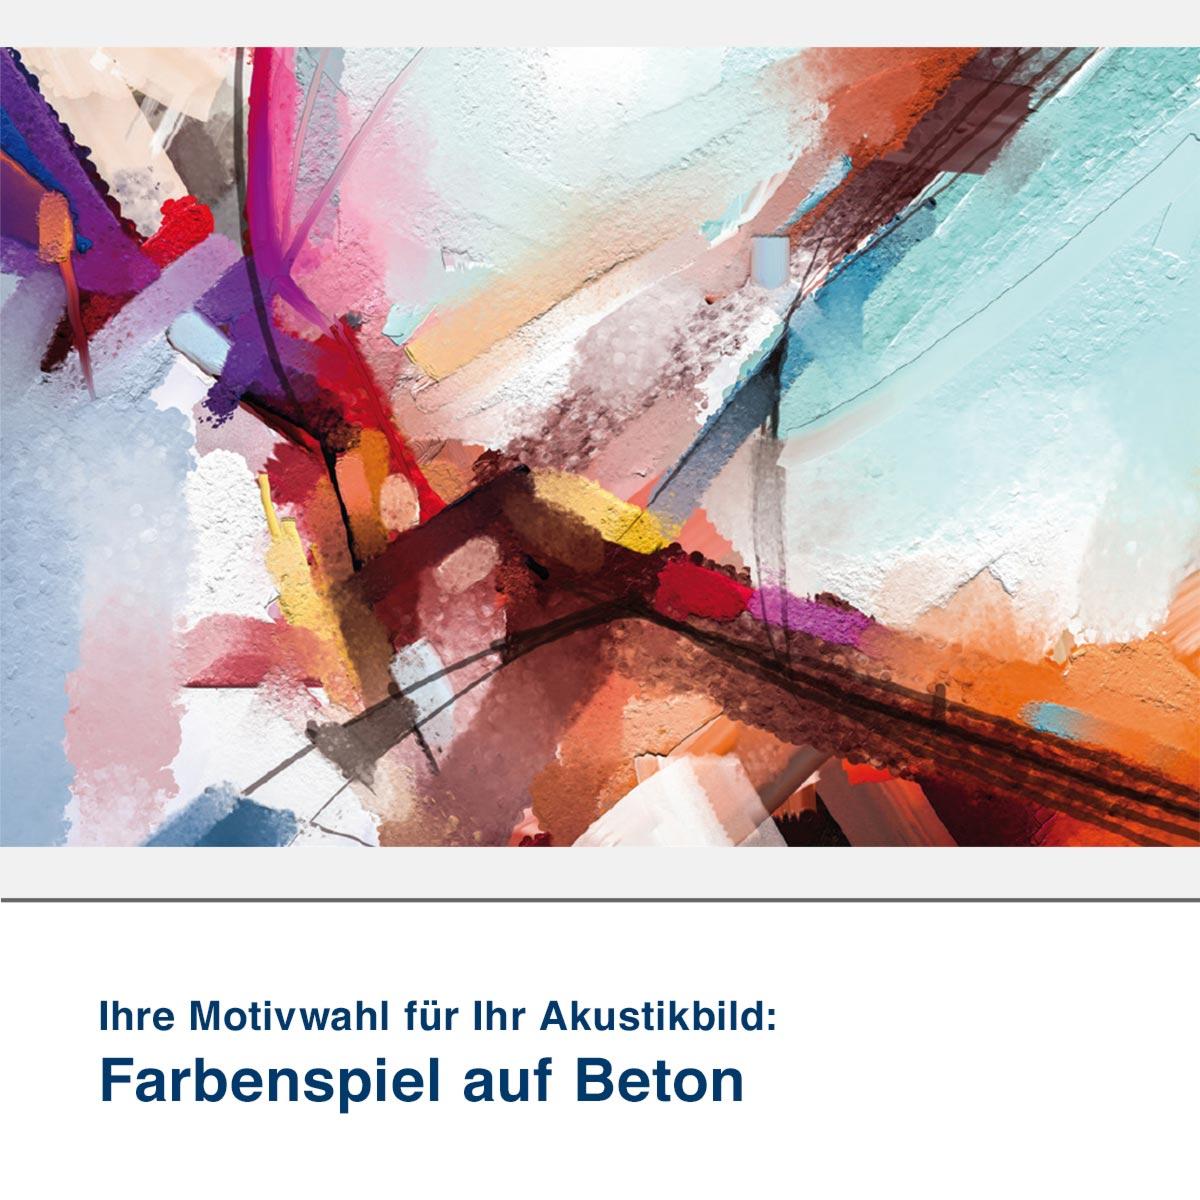 Akustikbild Motiv Farbenspiel auf Beton